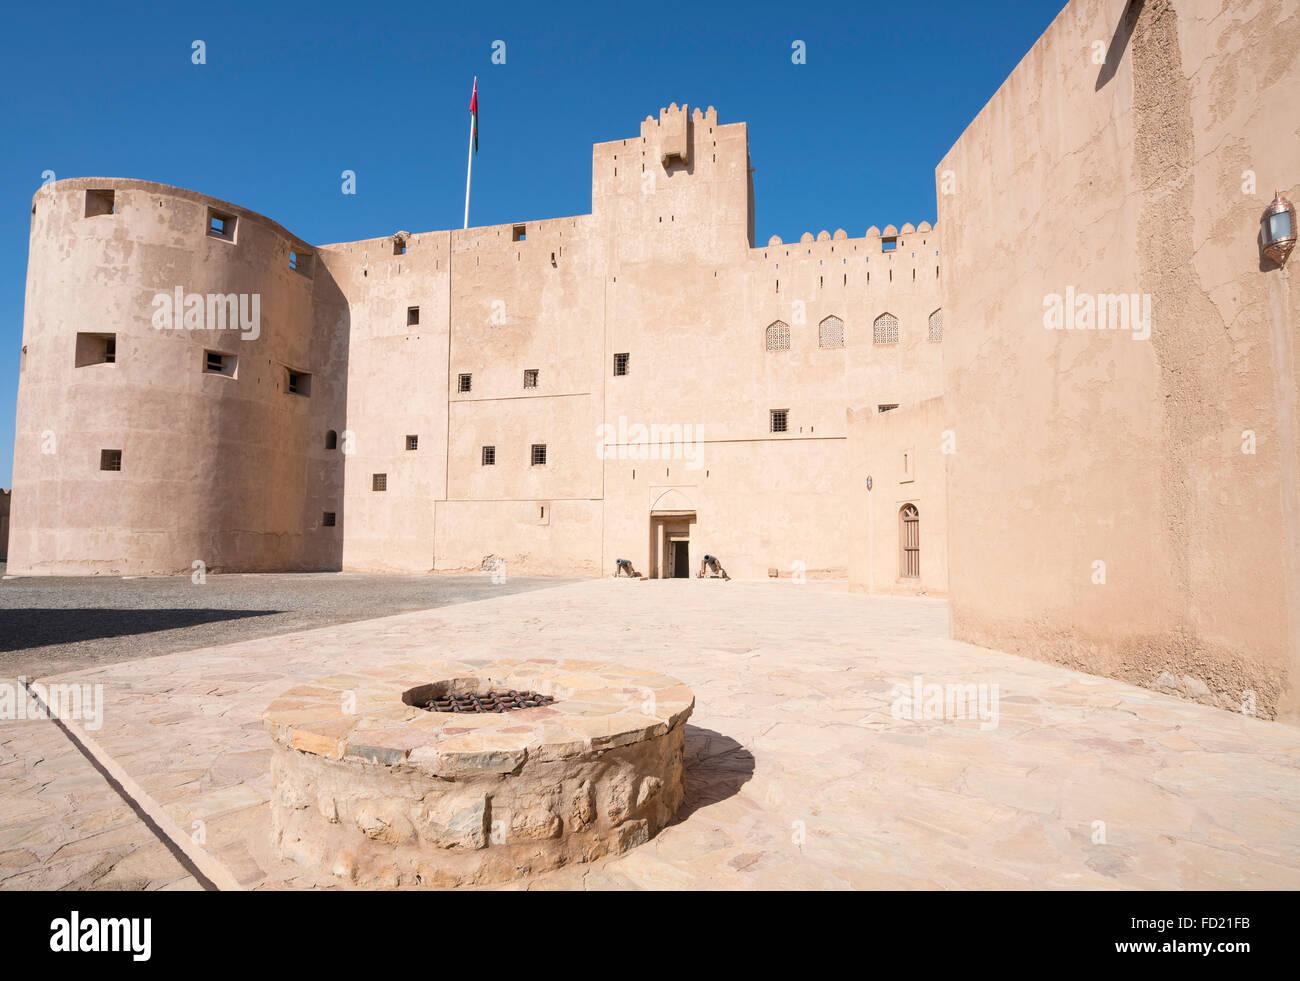 Vista exterior del histórico Fort Jabrin en Omán Imagen De Stock